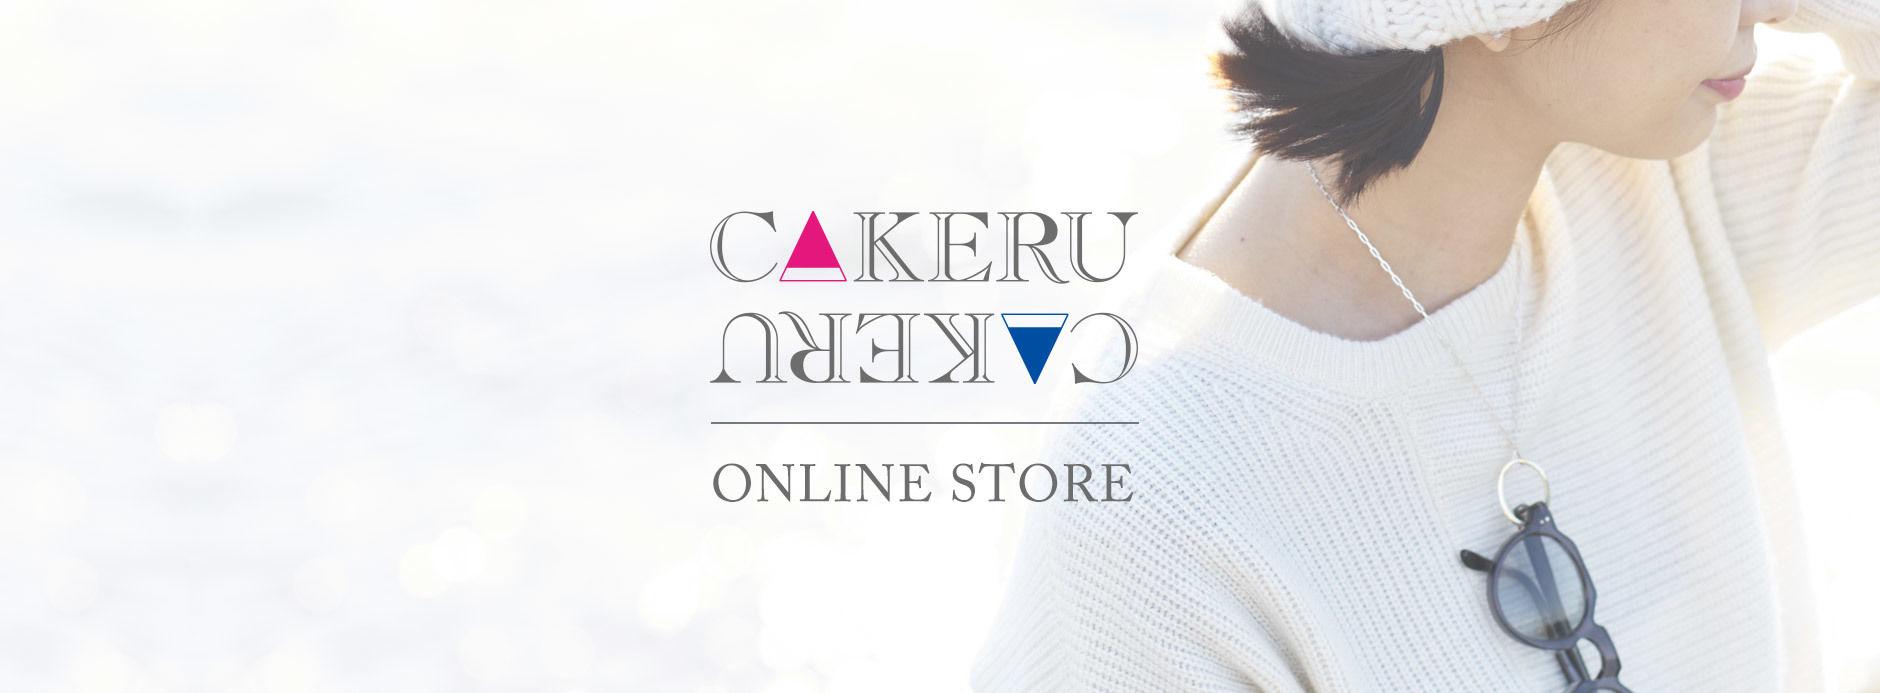 CAKERU CAKERU ONLINESTORE